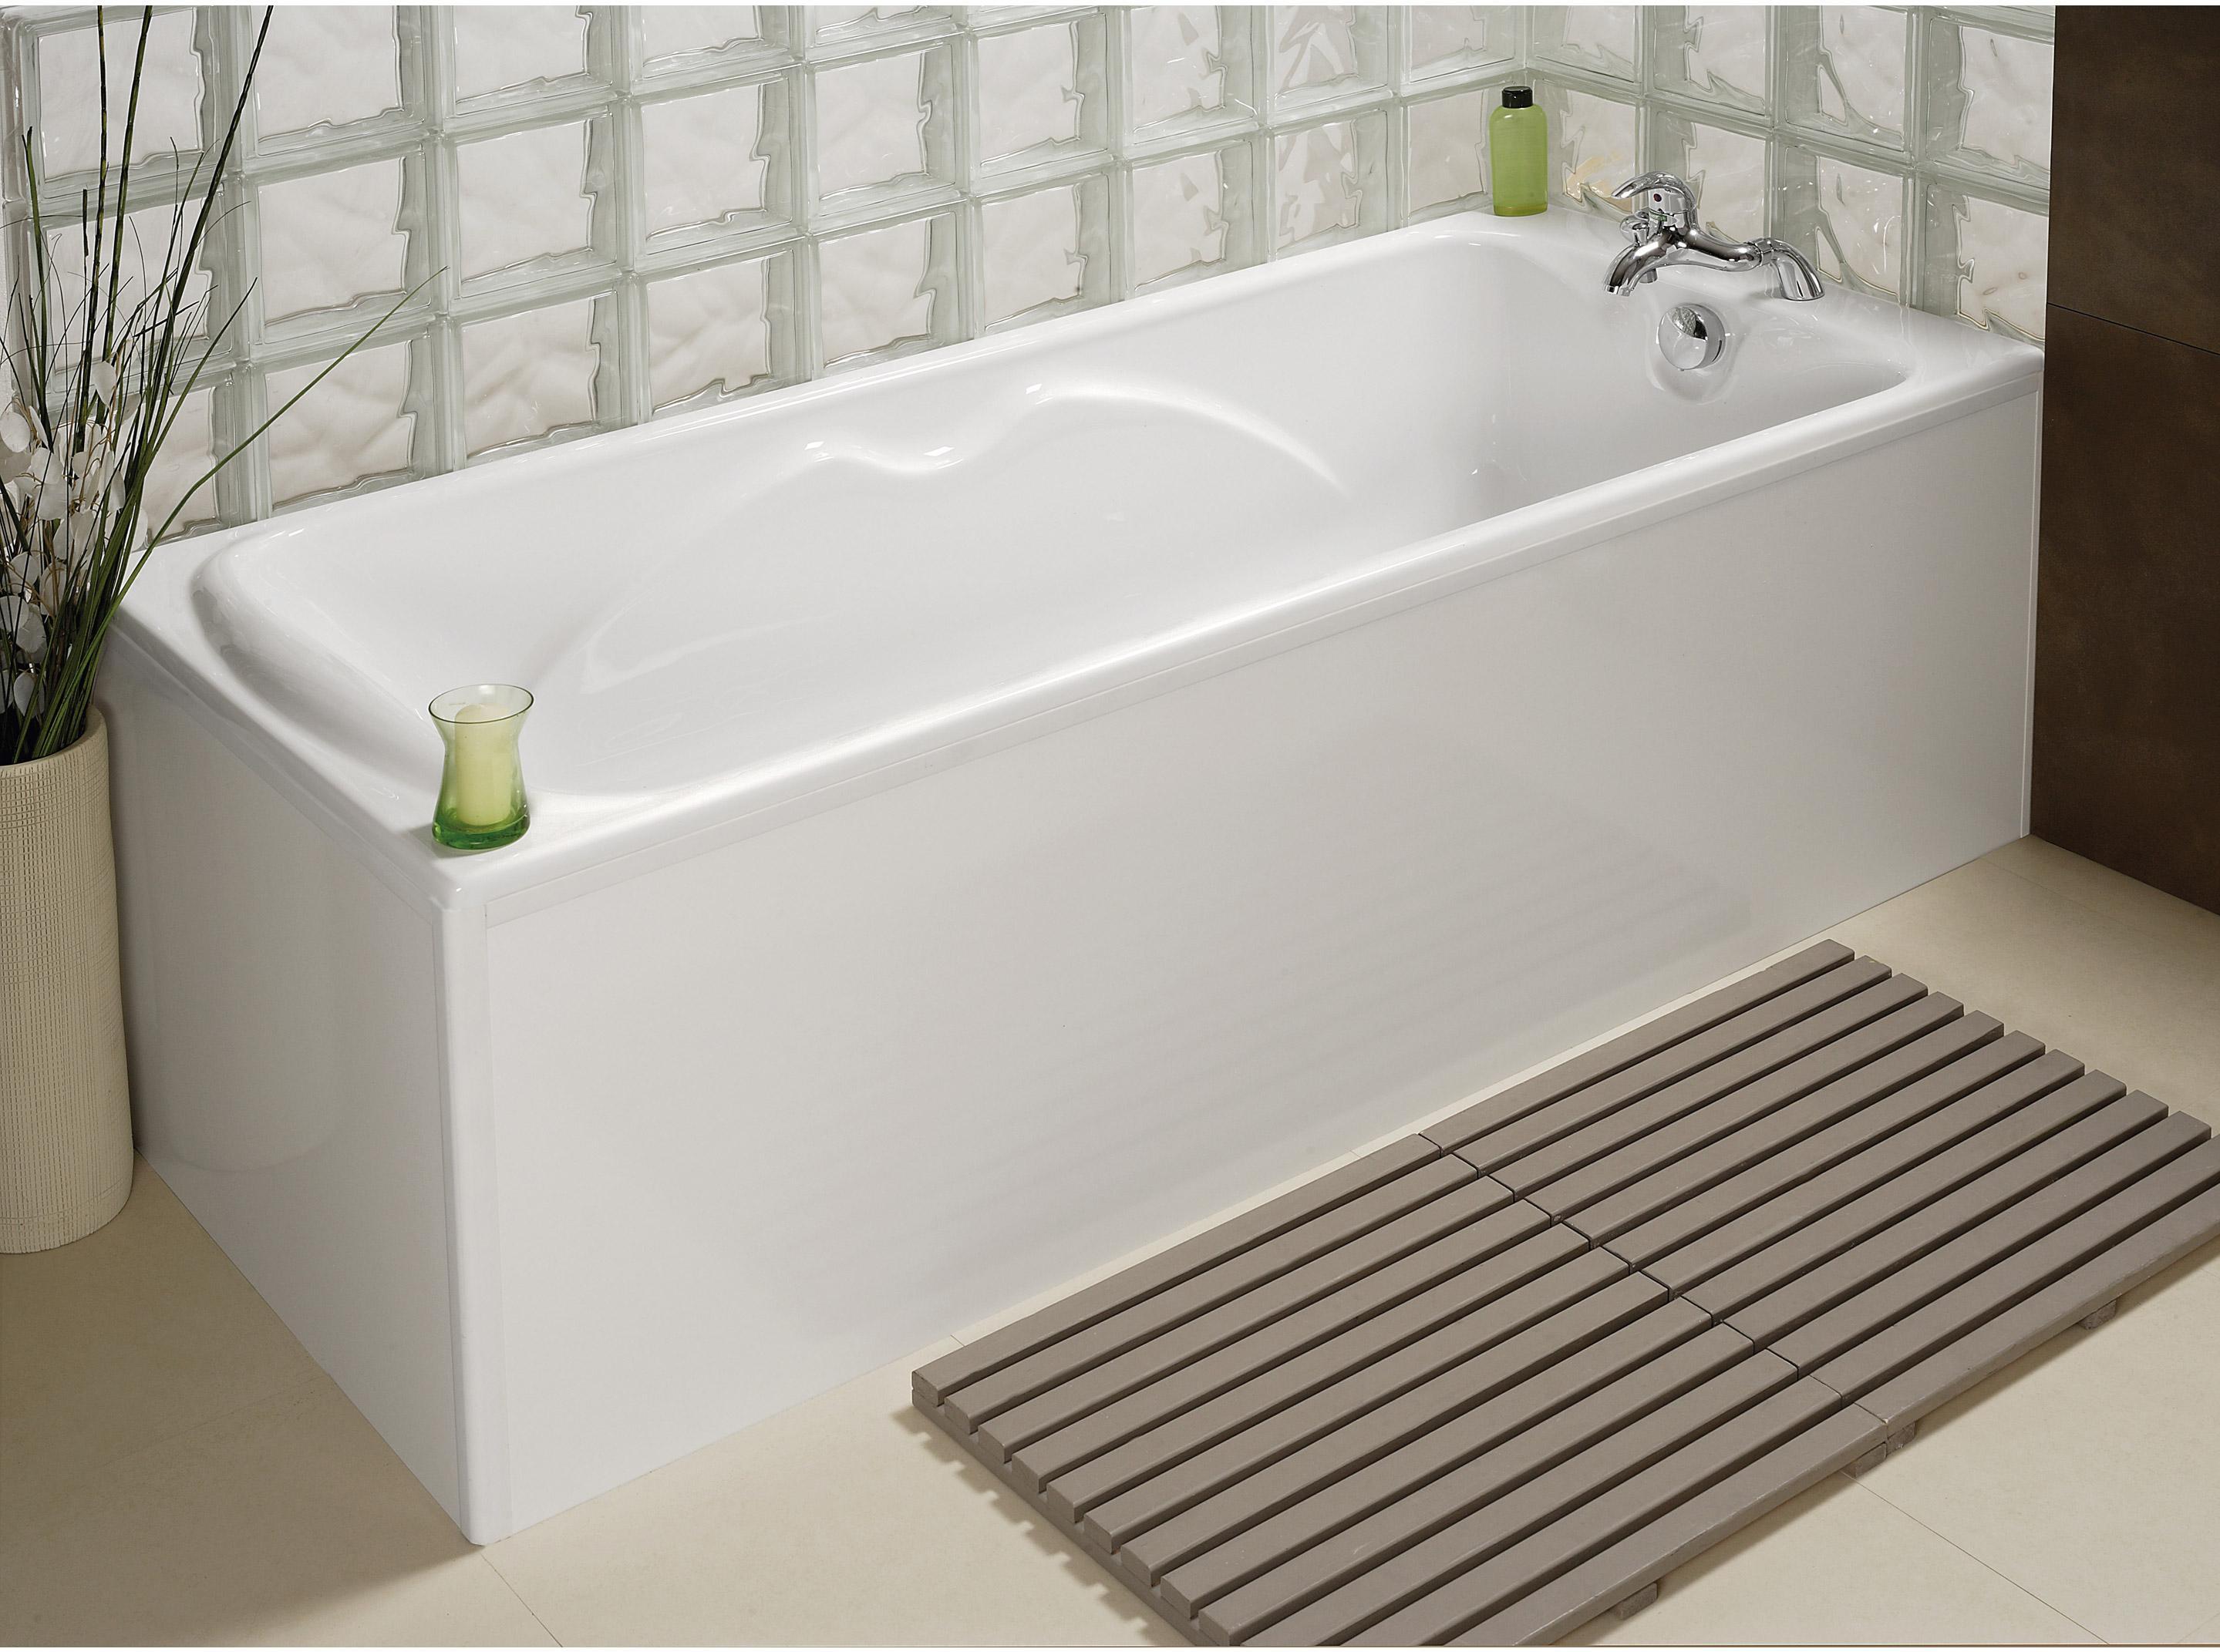 Tablier de baignoire Tablier de baignoire clip's L.75.5 x l.54 cm blanc, ALLIBER